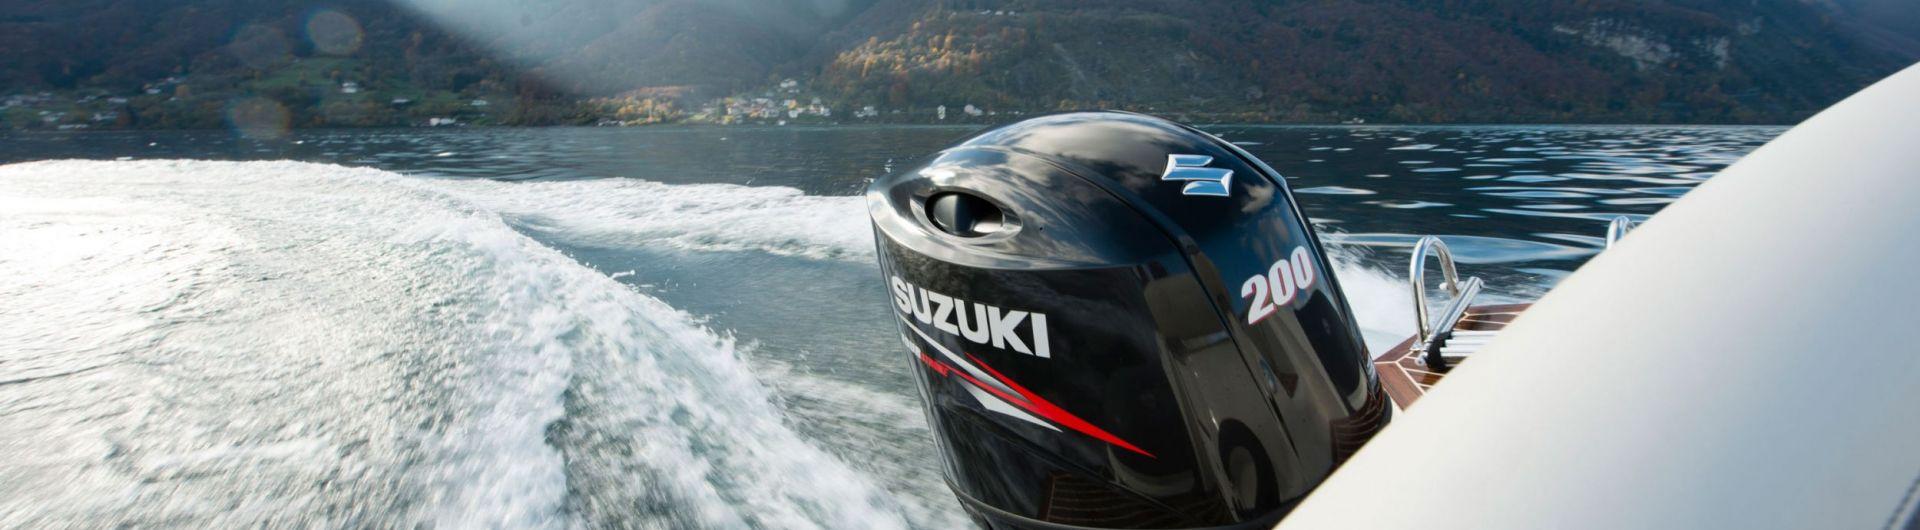 Suzuki Aussenborder DF200